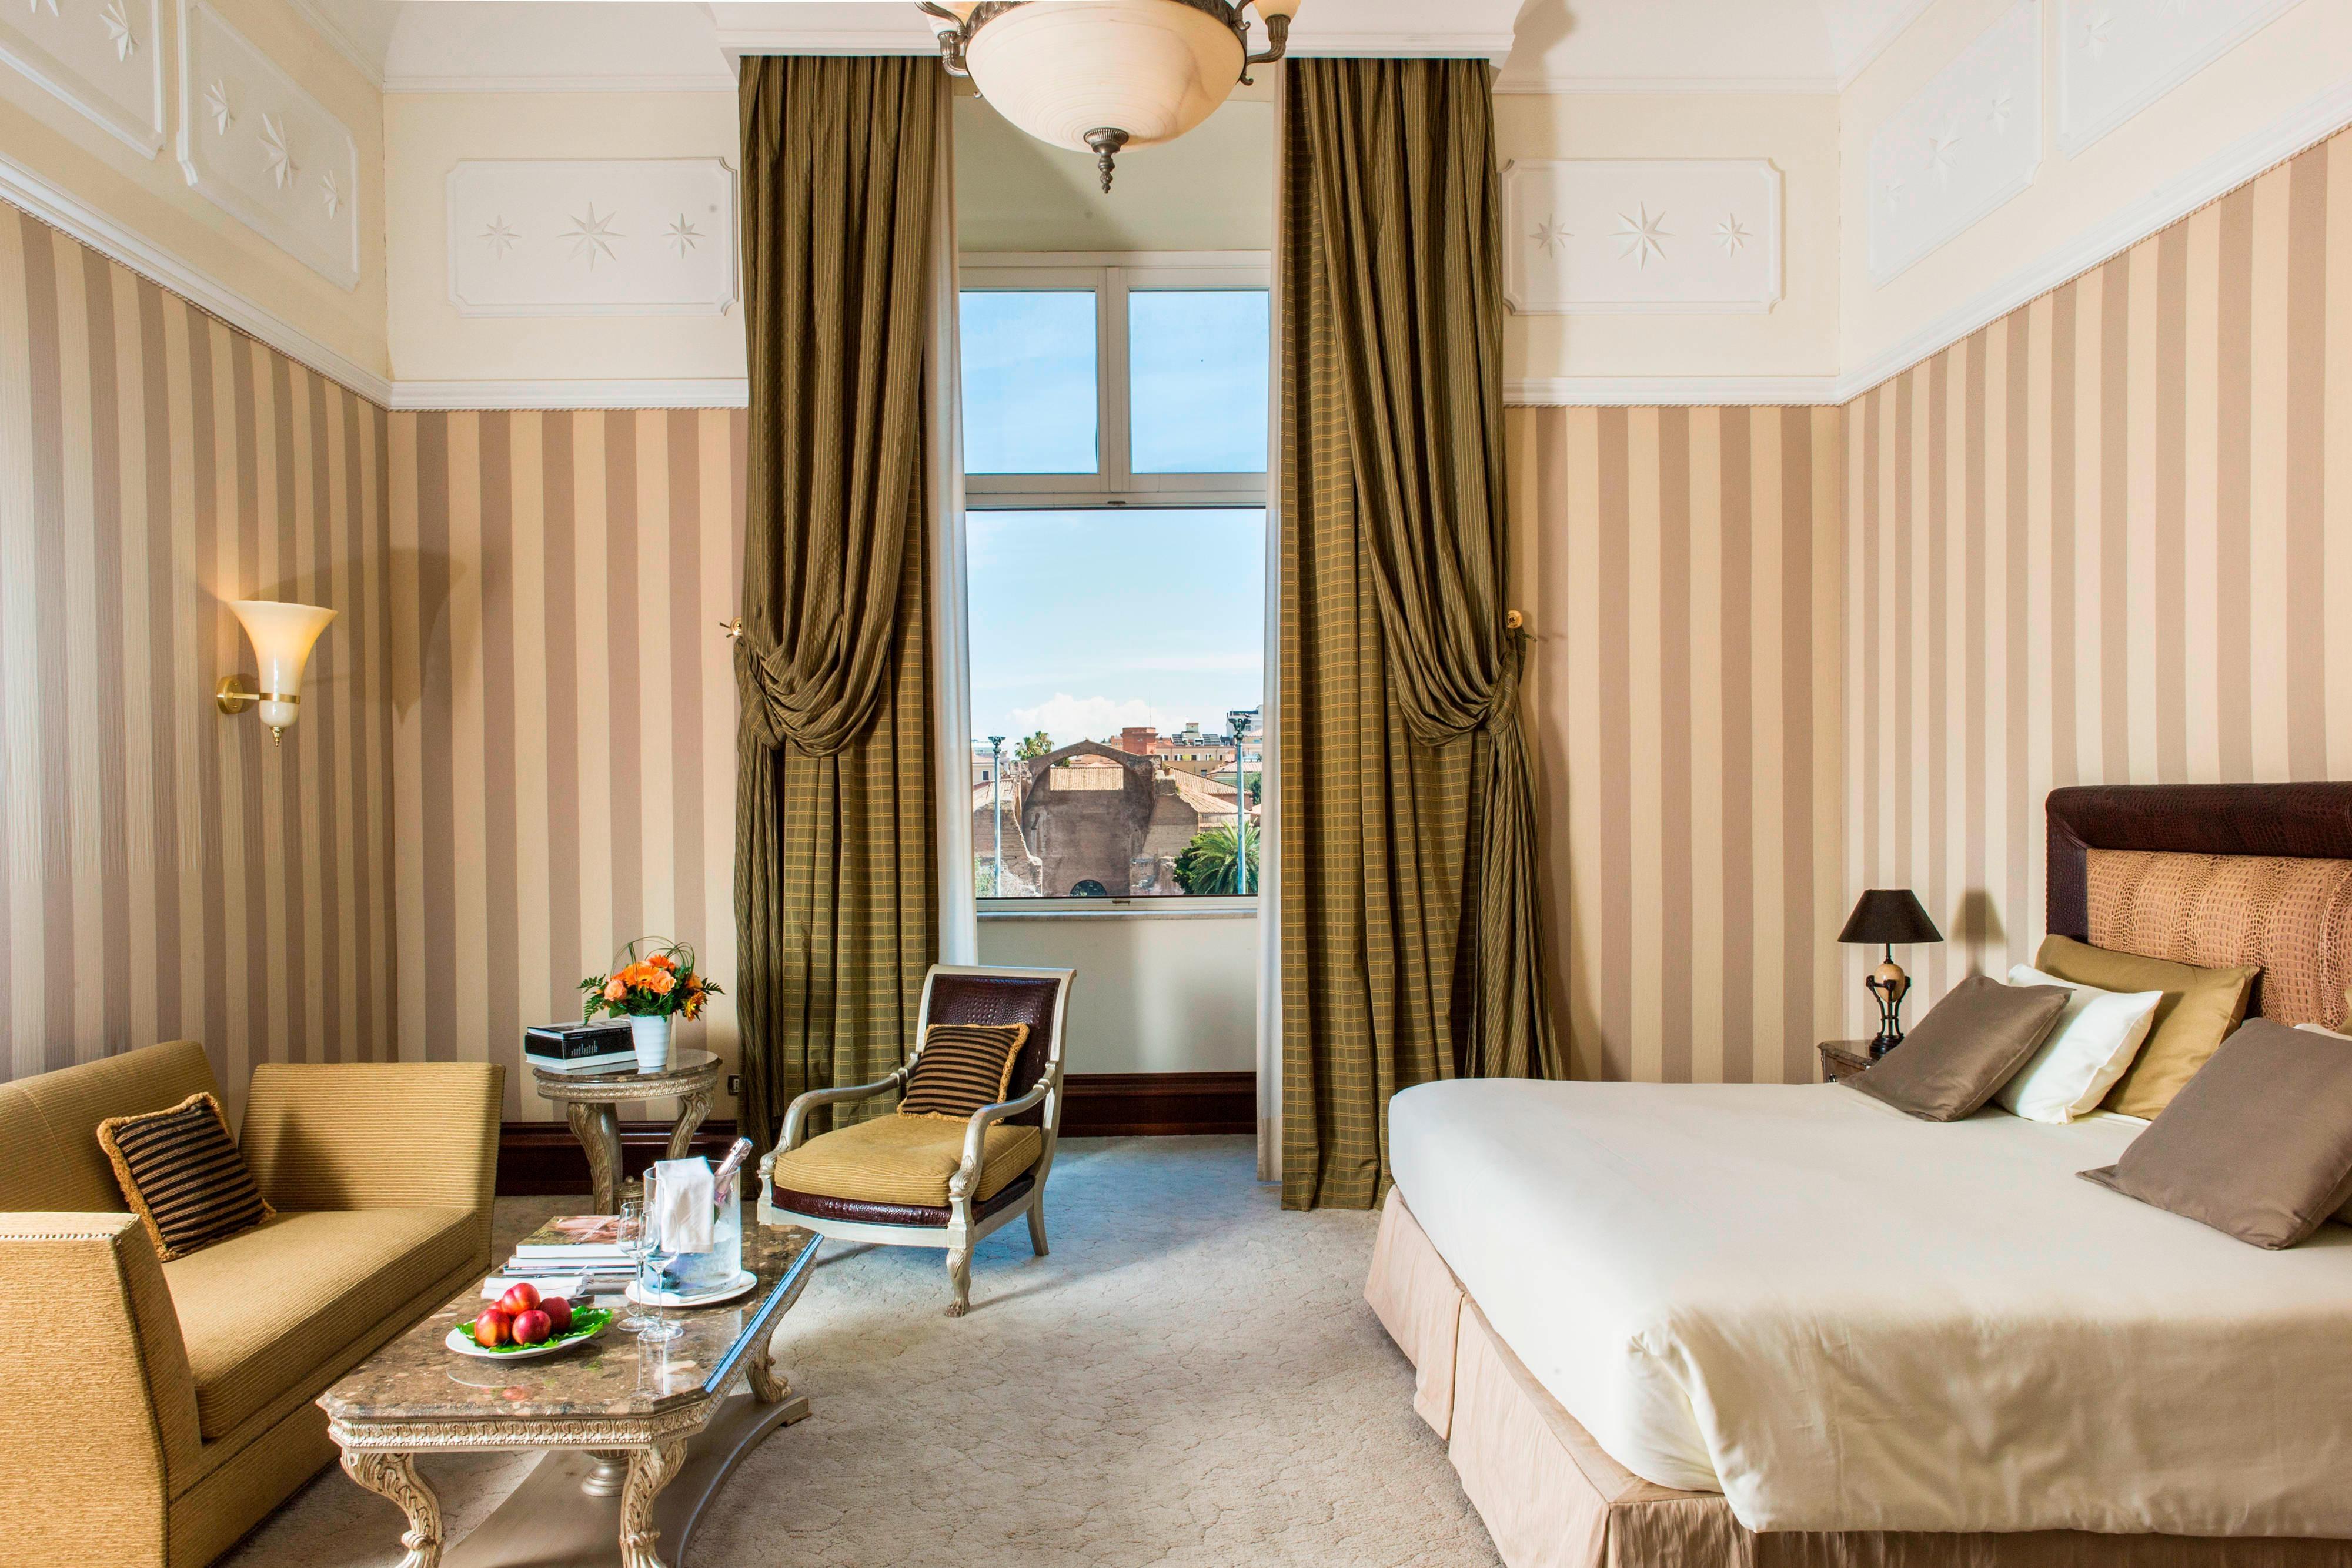 Chambre d'hôtel à Rome